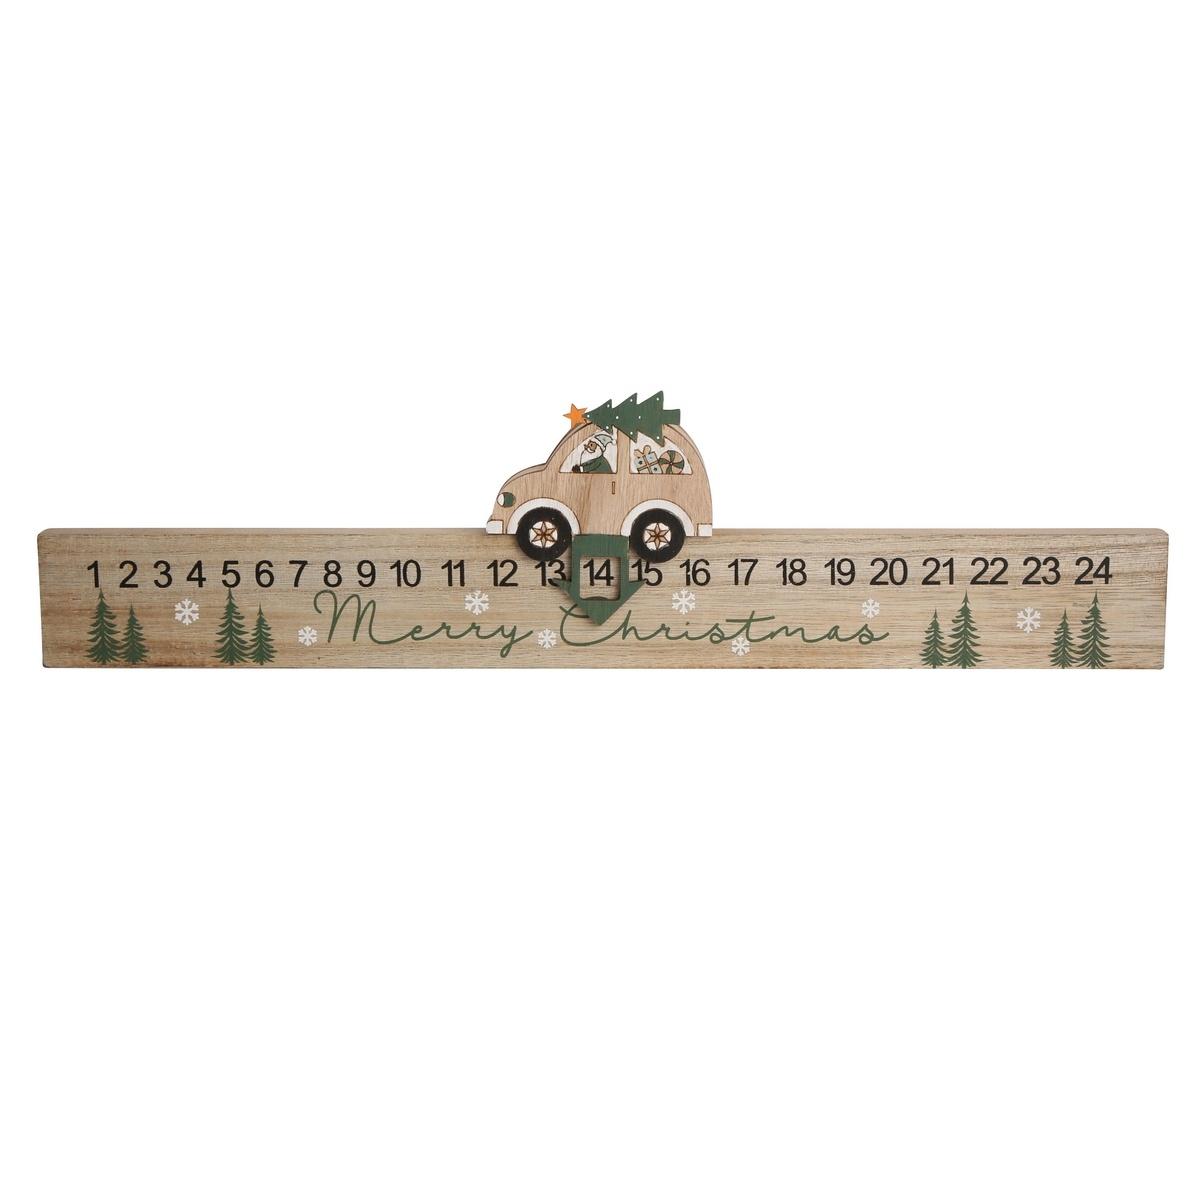 Altom Dřevěný adventní kalendář Car, 47,5 x 10 cm